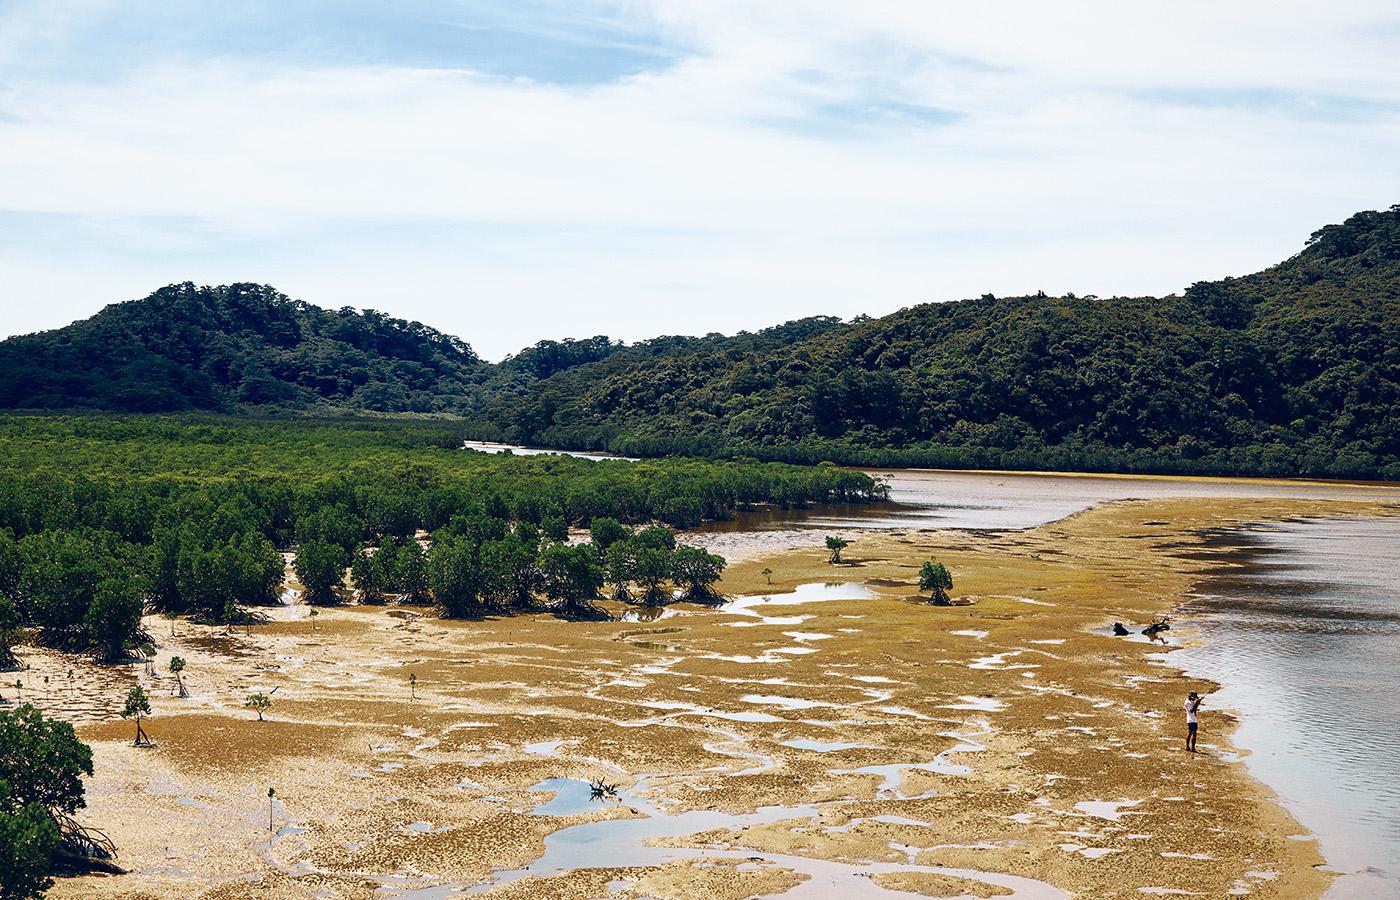 約90%が亜熱帯のジャングルという西表島は、原生林が海岸近くまで迫り、河口域にはオヒルギやヤエヤマヒルギのマングローブが広がる。釣り人が立っている場所は満潮になれば、すべて海水と河水に覆われてしまう。